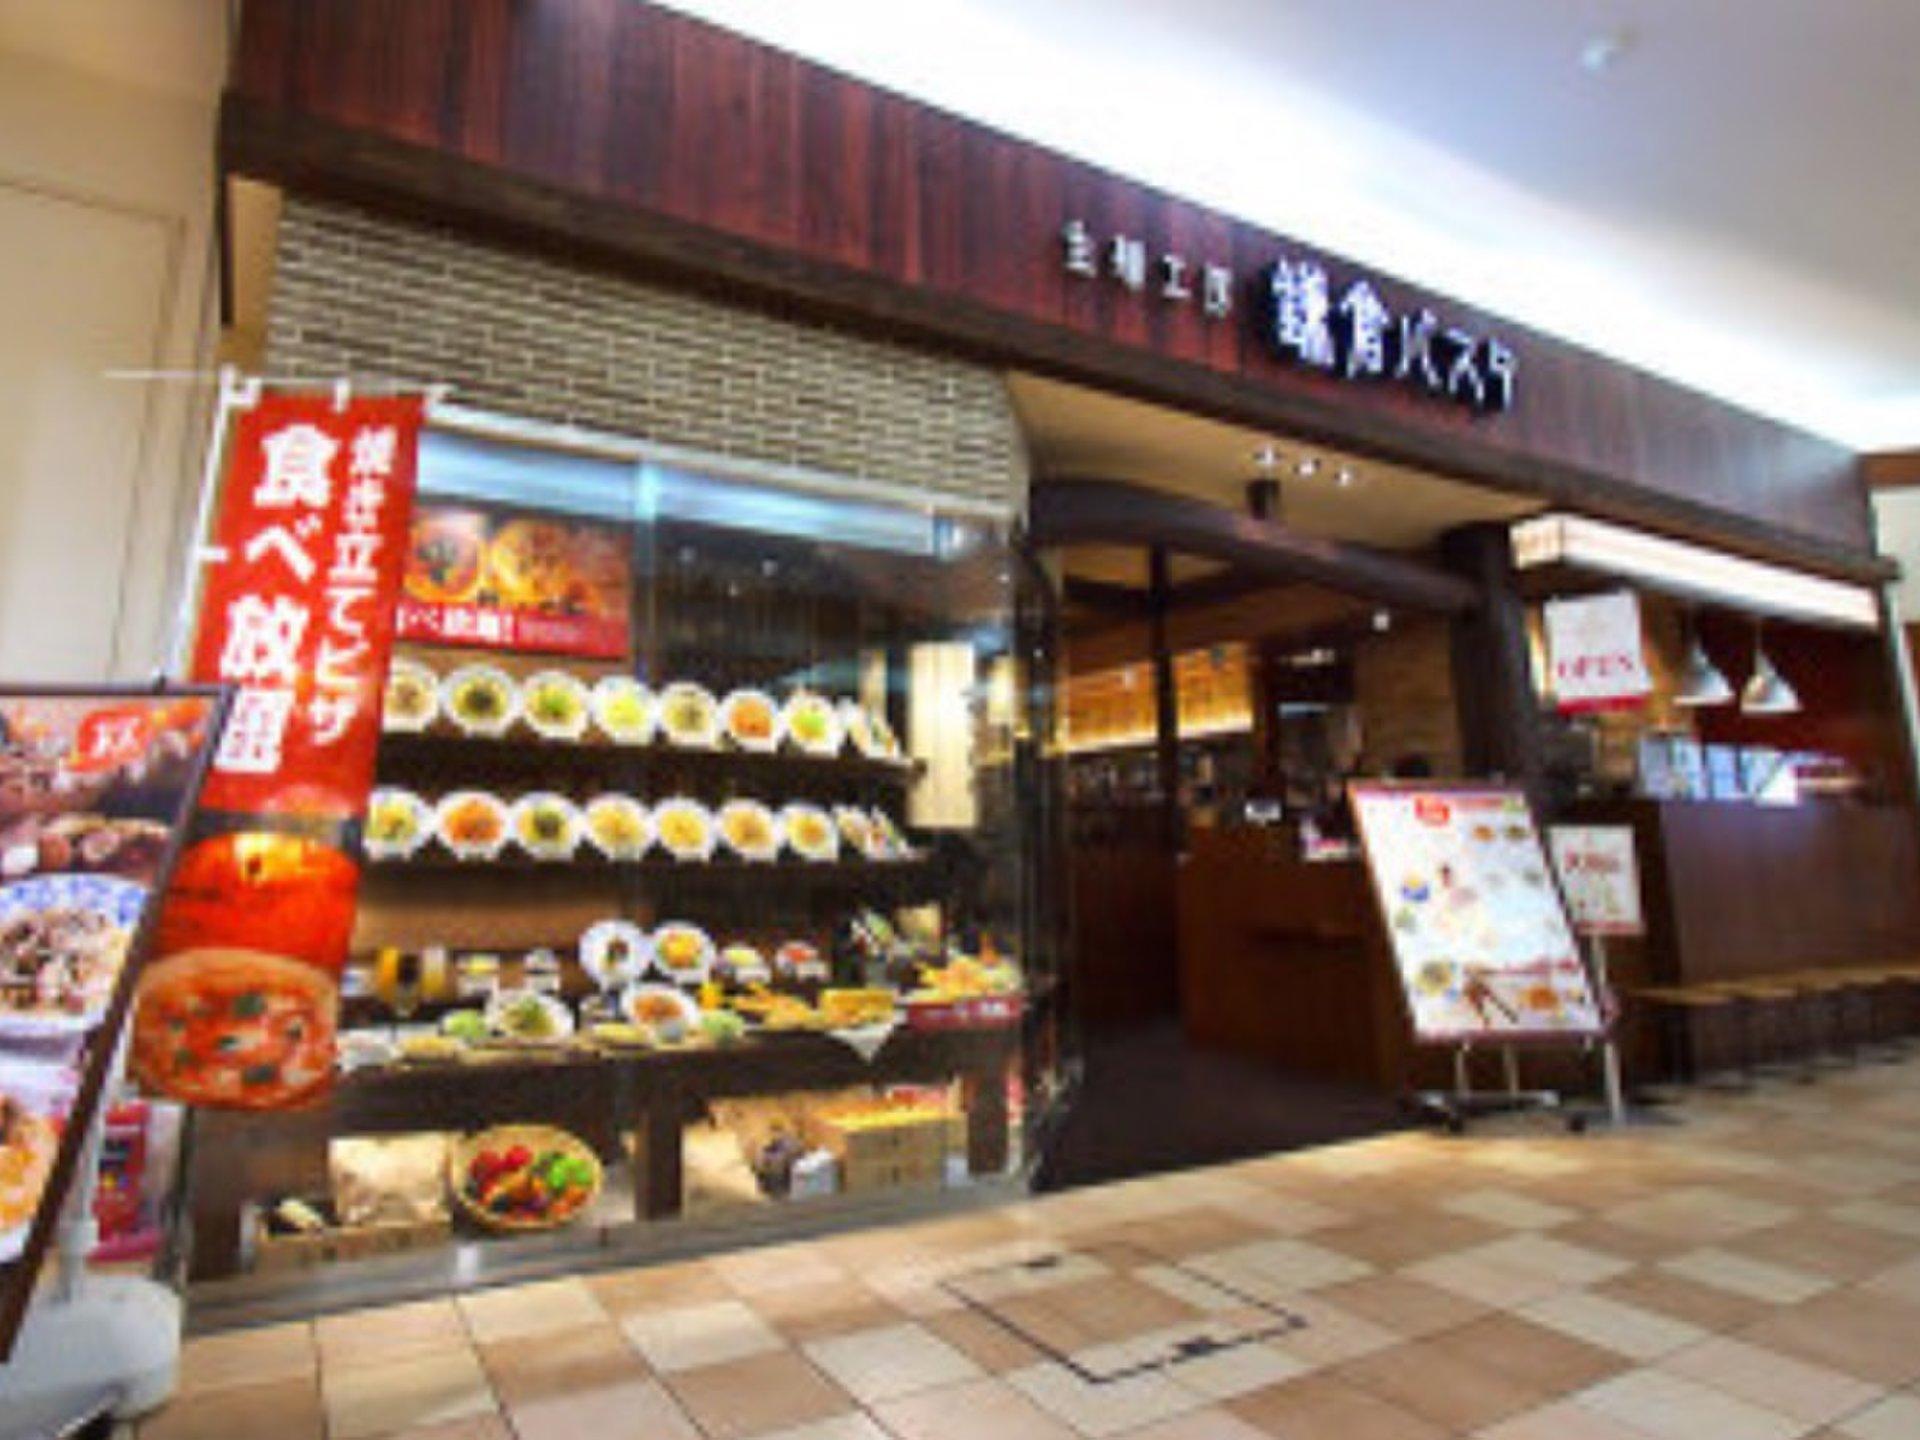 鎌倉パスタ マークイズみなとみらい店